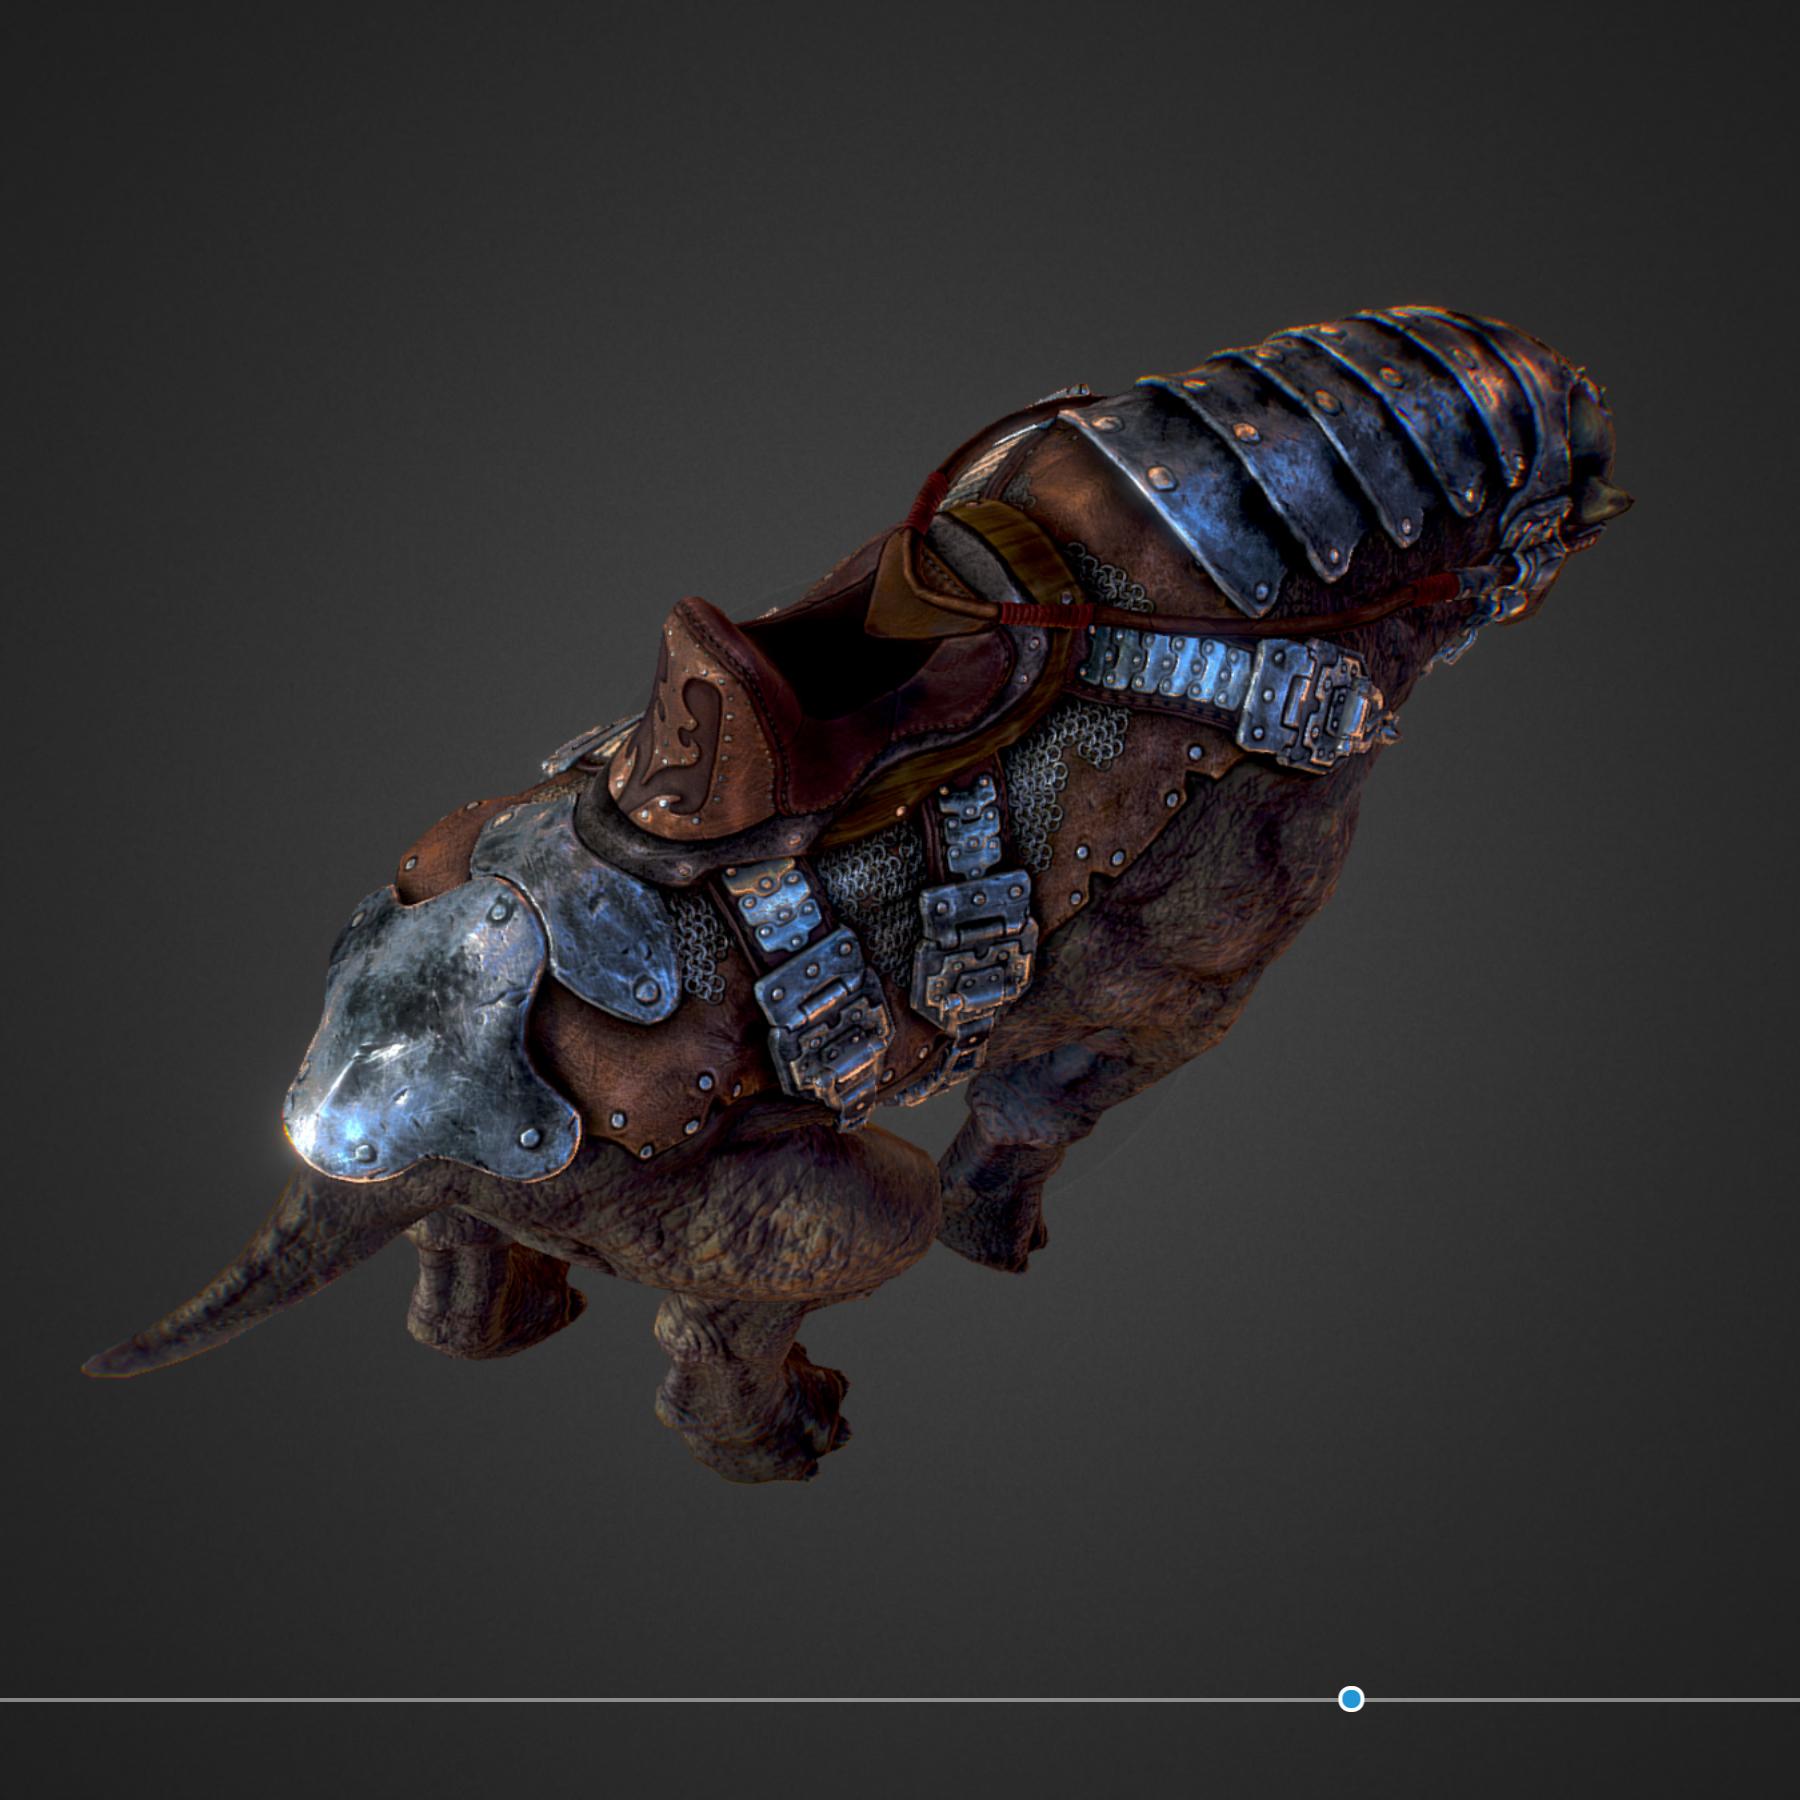 creature mount mastodont 3d model max  fbx ma mb obj 272412